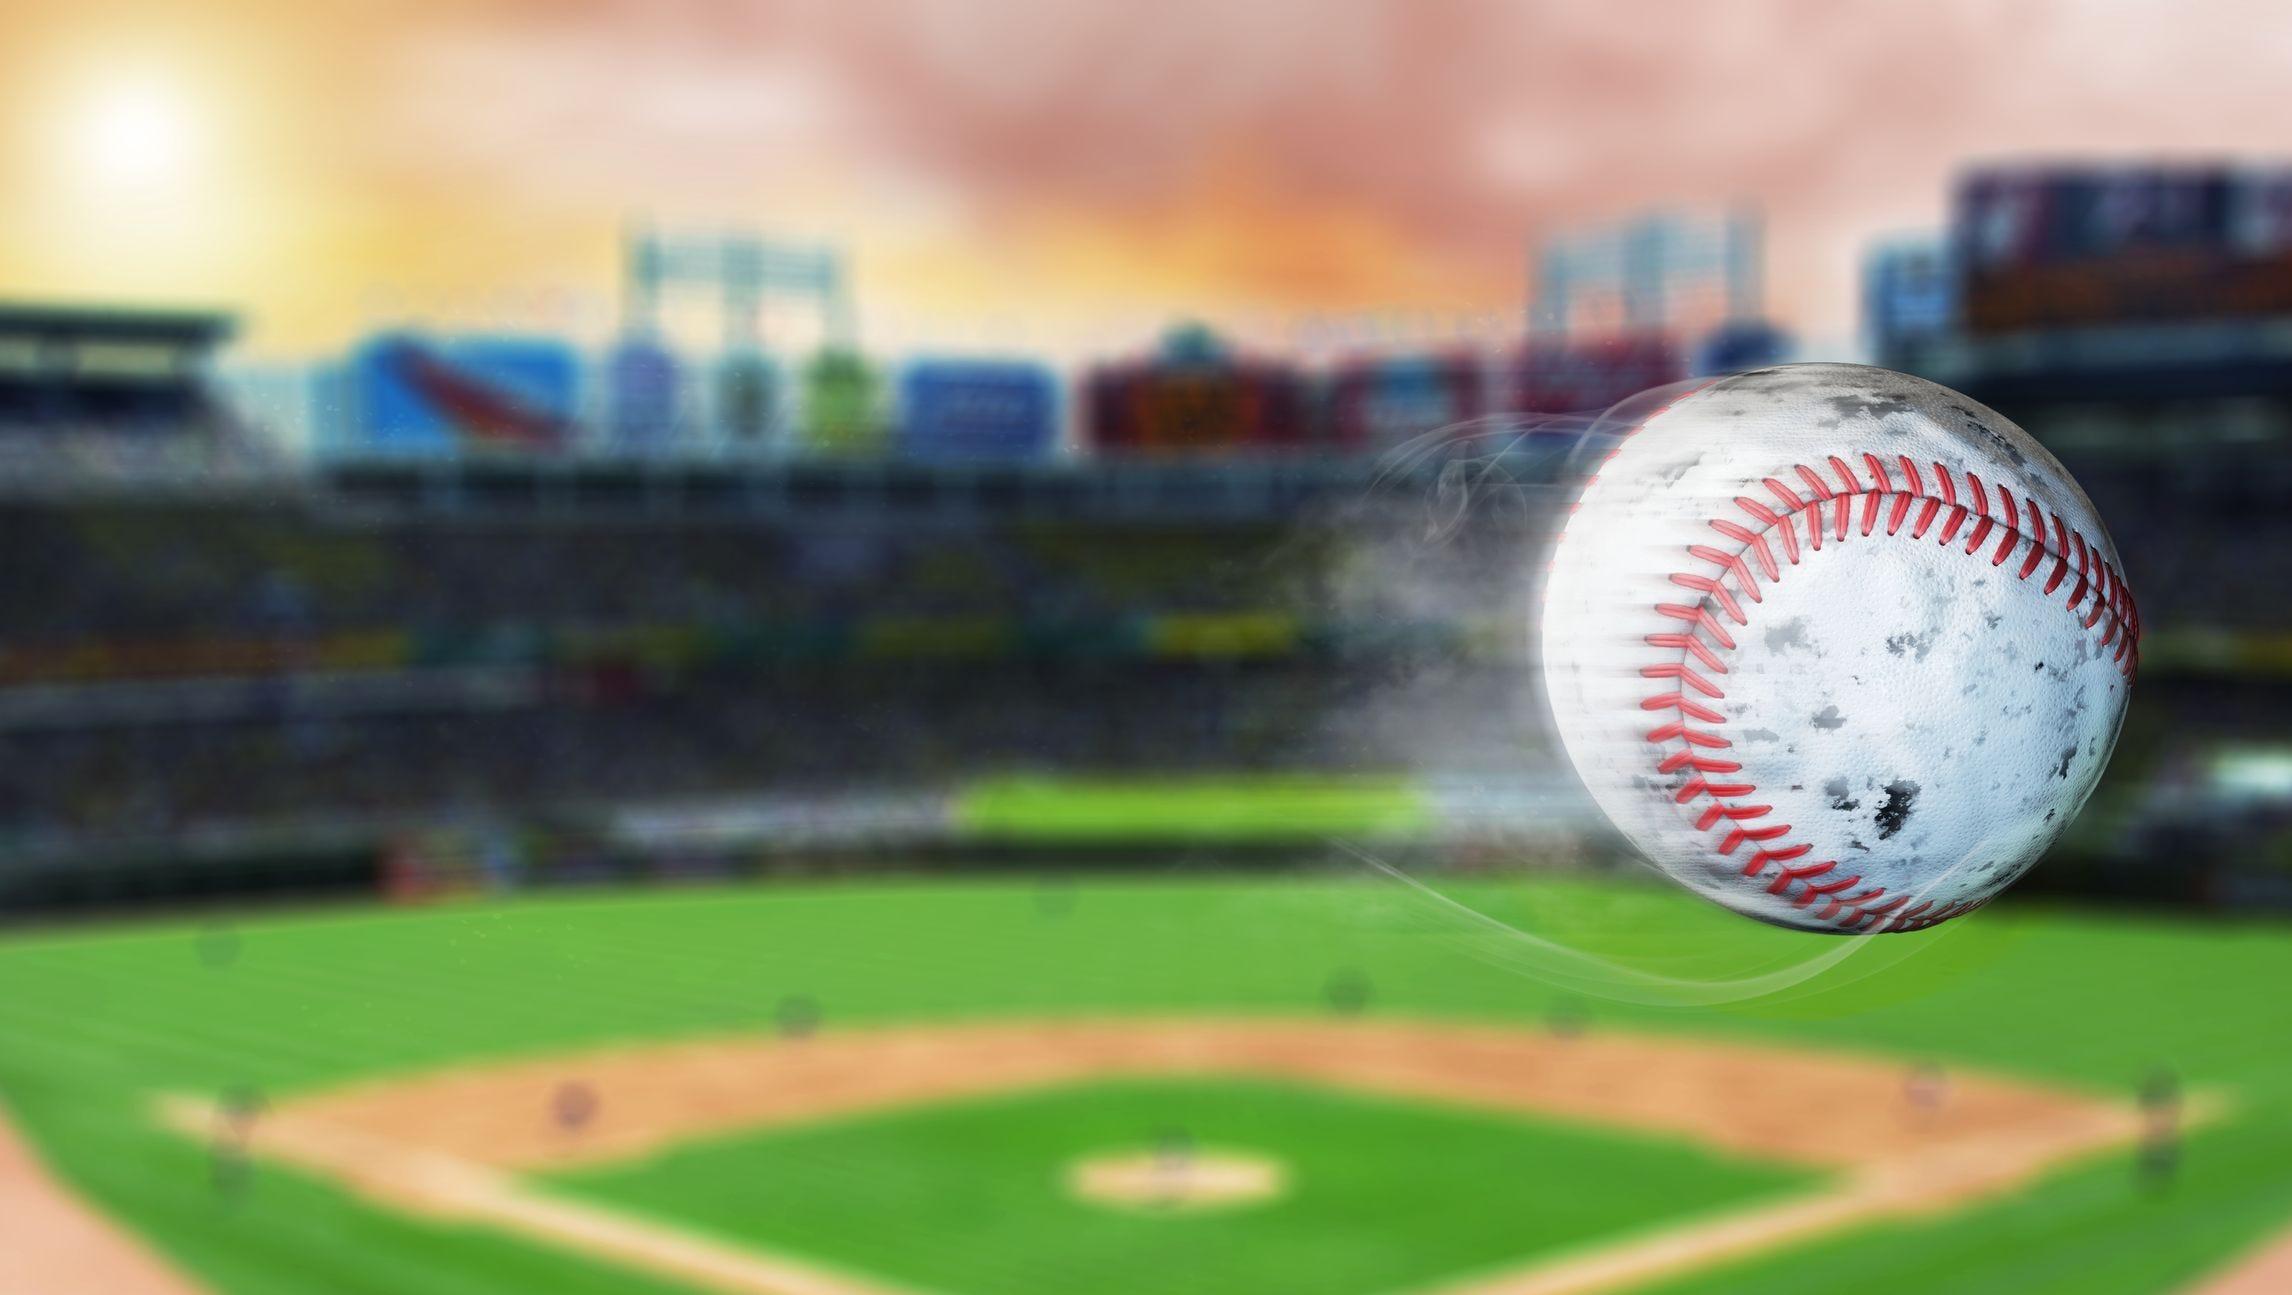 baseball ticket sweepstakes